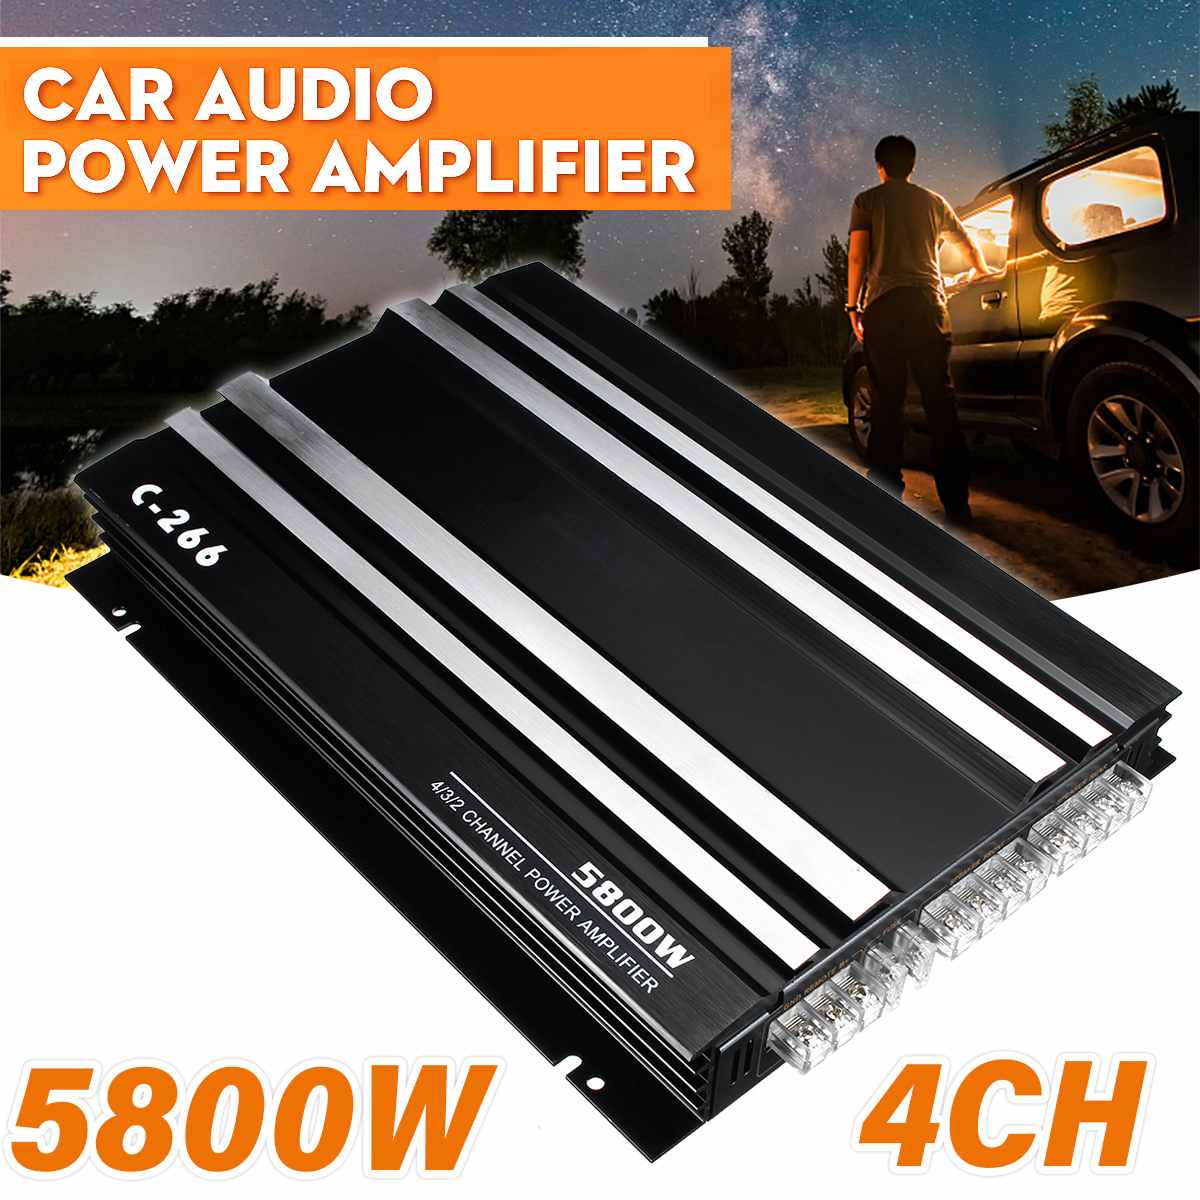 Автомобильный усилитель 12 в, 5800 вт, многоканальный мощный автомобильный аудиоусилитель, сабвуфер из алюминиевого сплава, автомобильный сте...